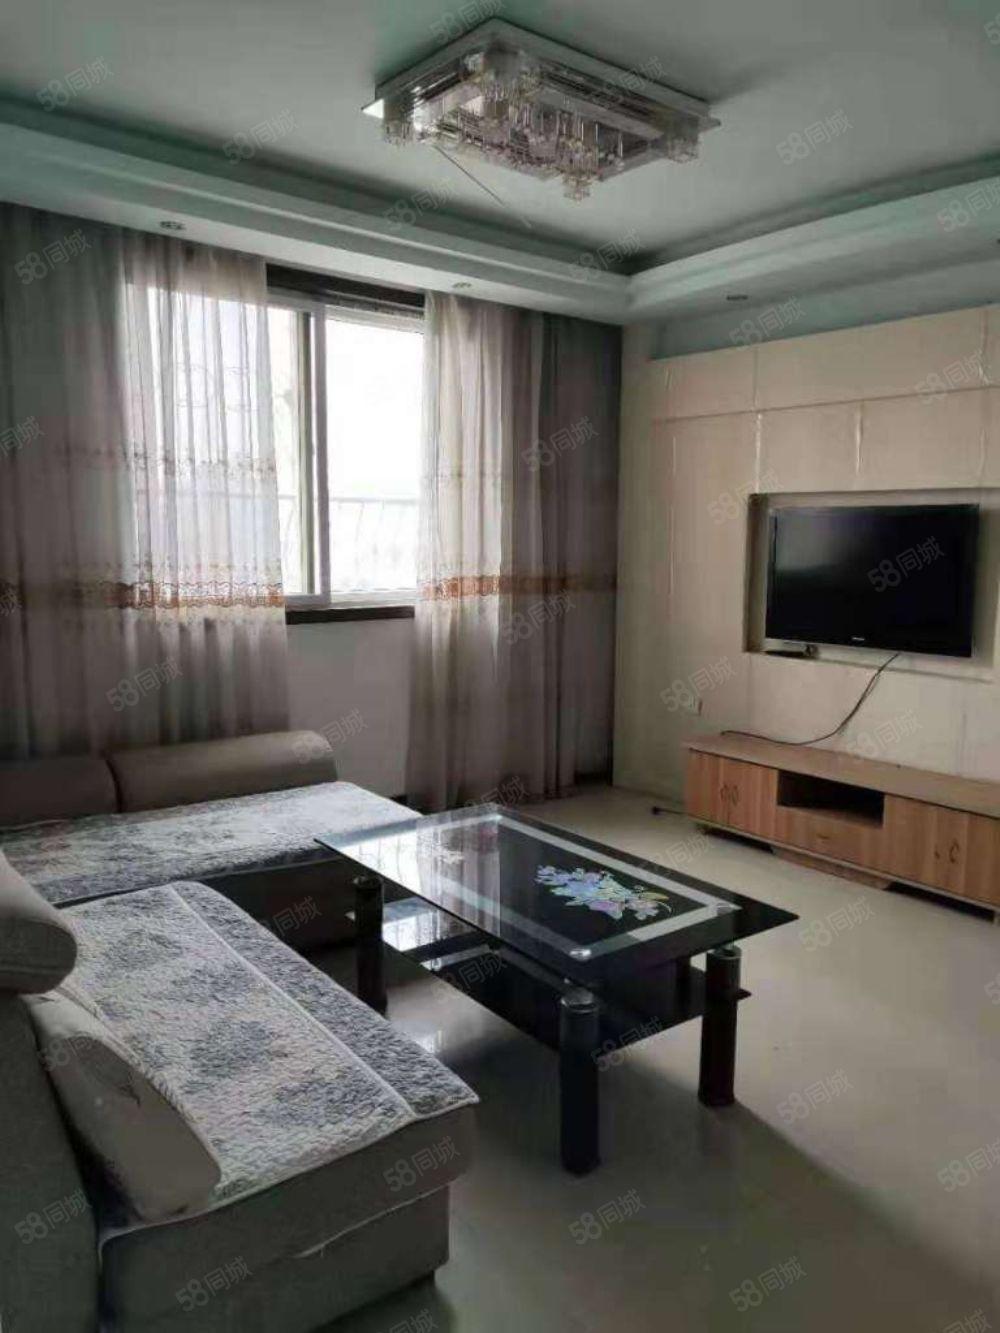 綠汀花園1室1廳精裝修家具家電齊全拎包入住,年租8500